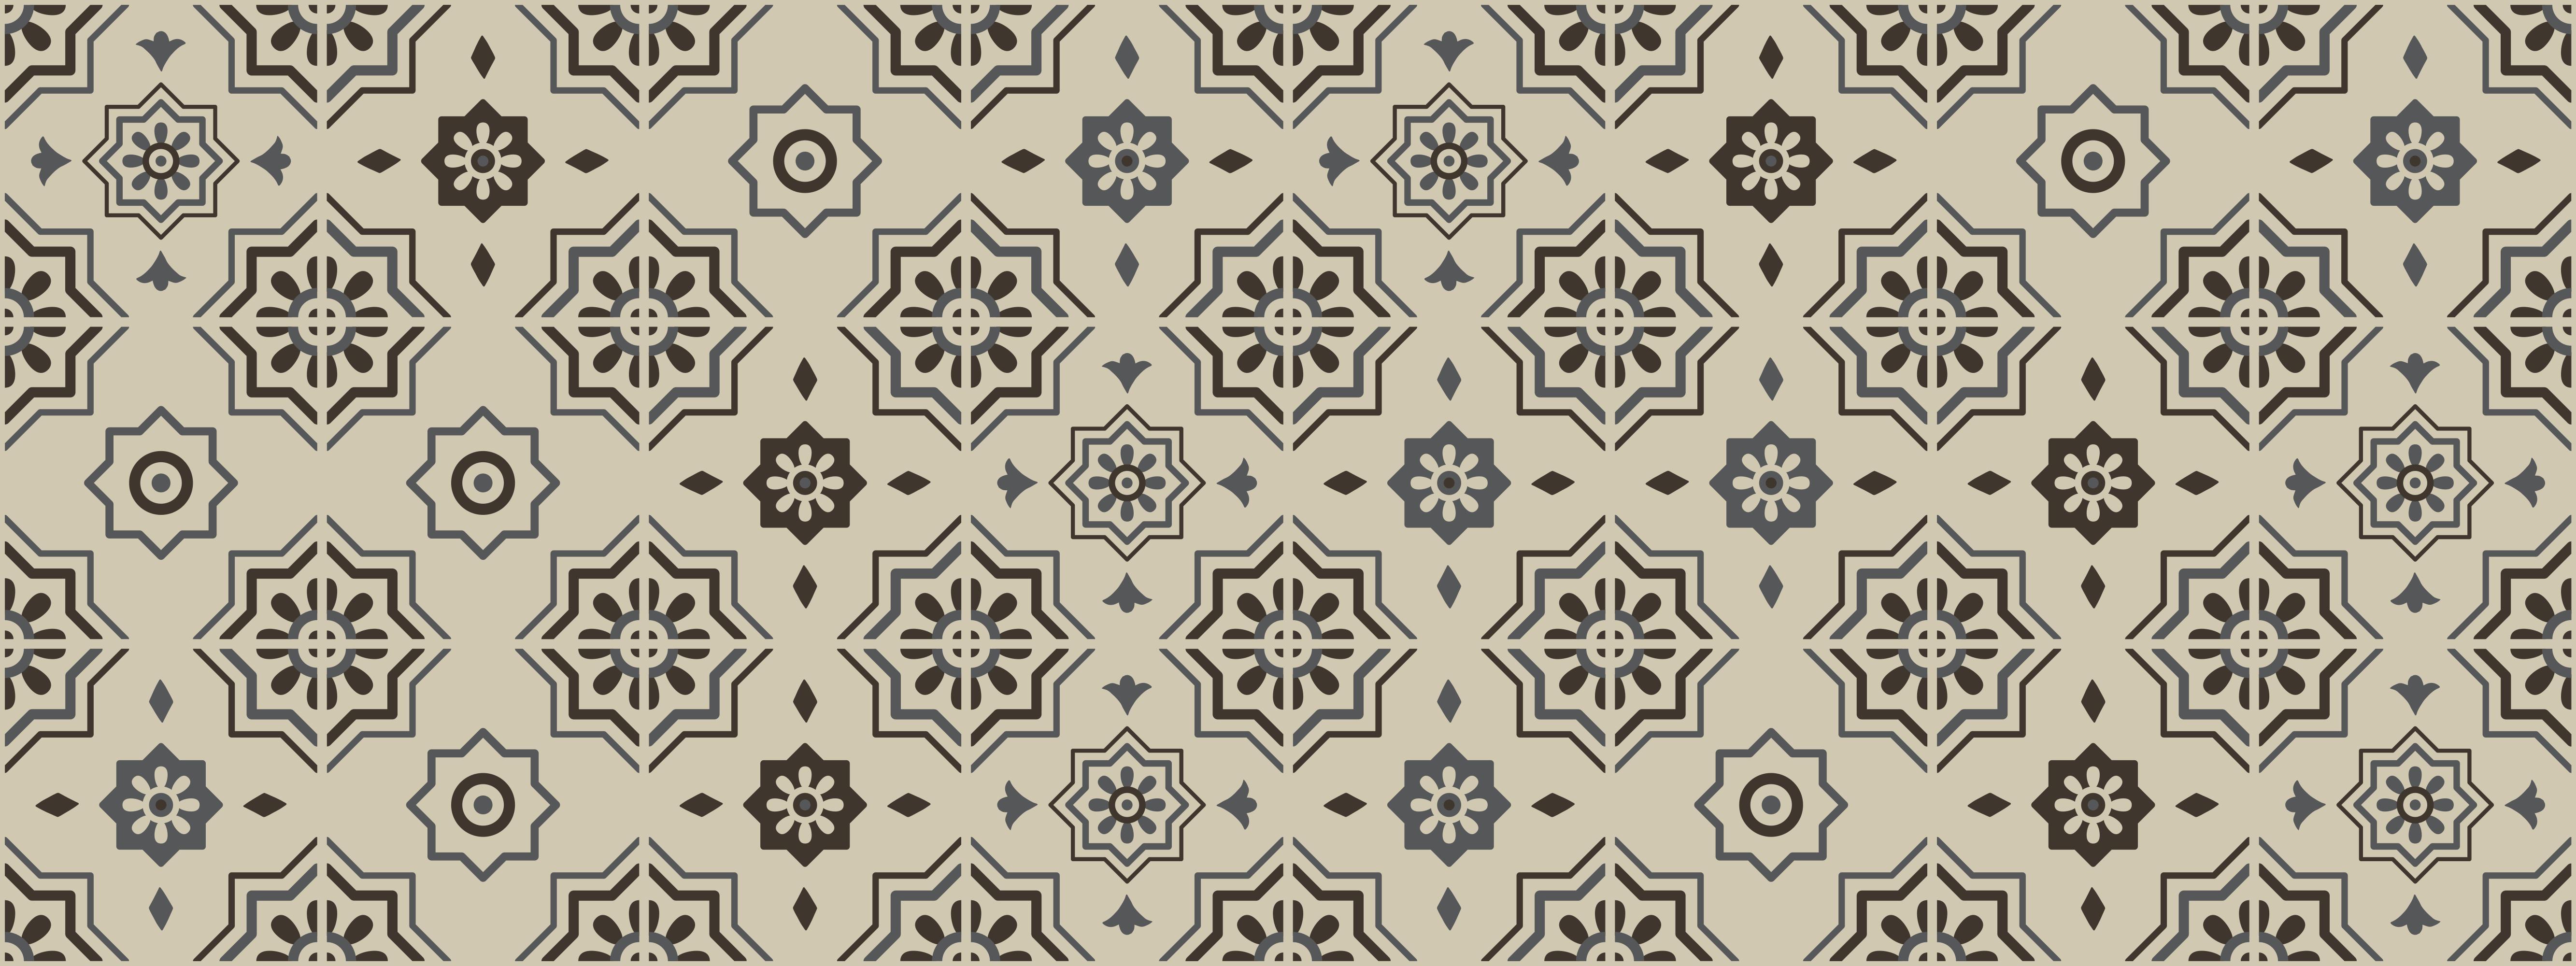 TenVinilo. Alfombra vinilo cocina azulejos vintage. Alfombra vinilo cocina con adornos retro. El patrón muestra adornos florales sobre un fondo beige. Está hecho de material de alta calidad.